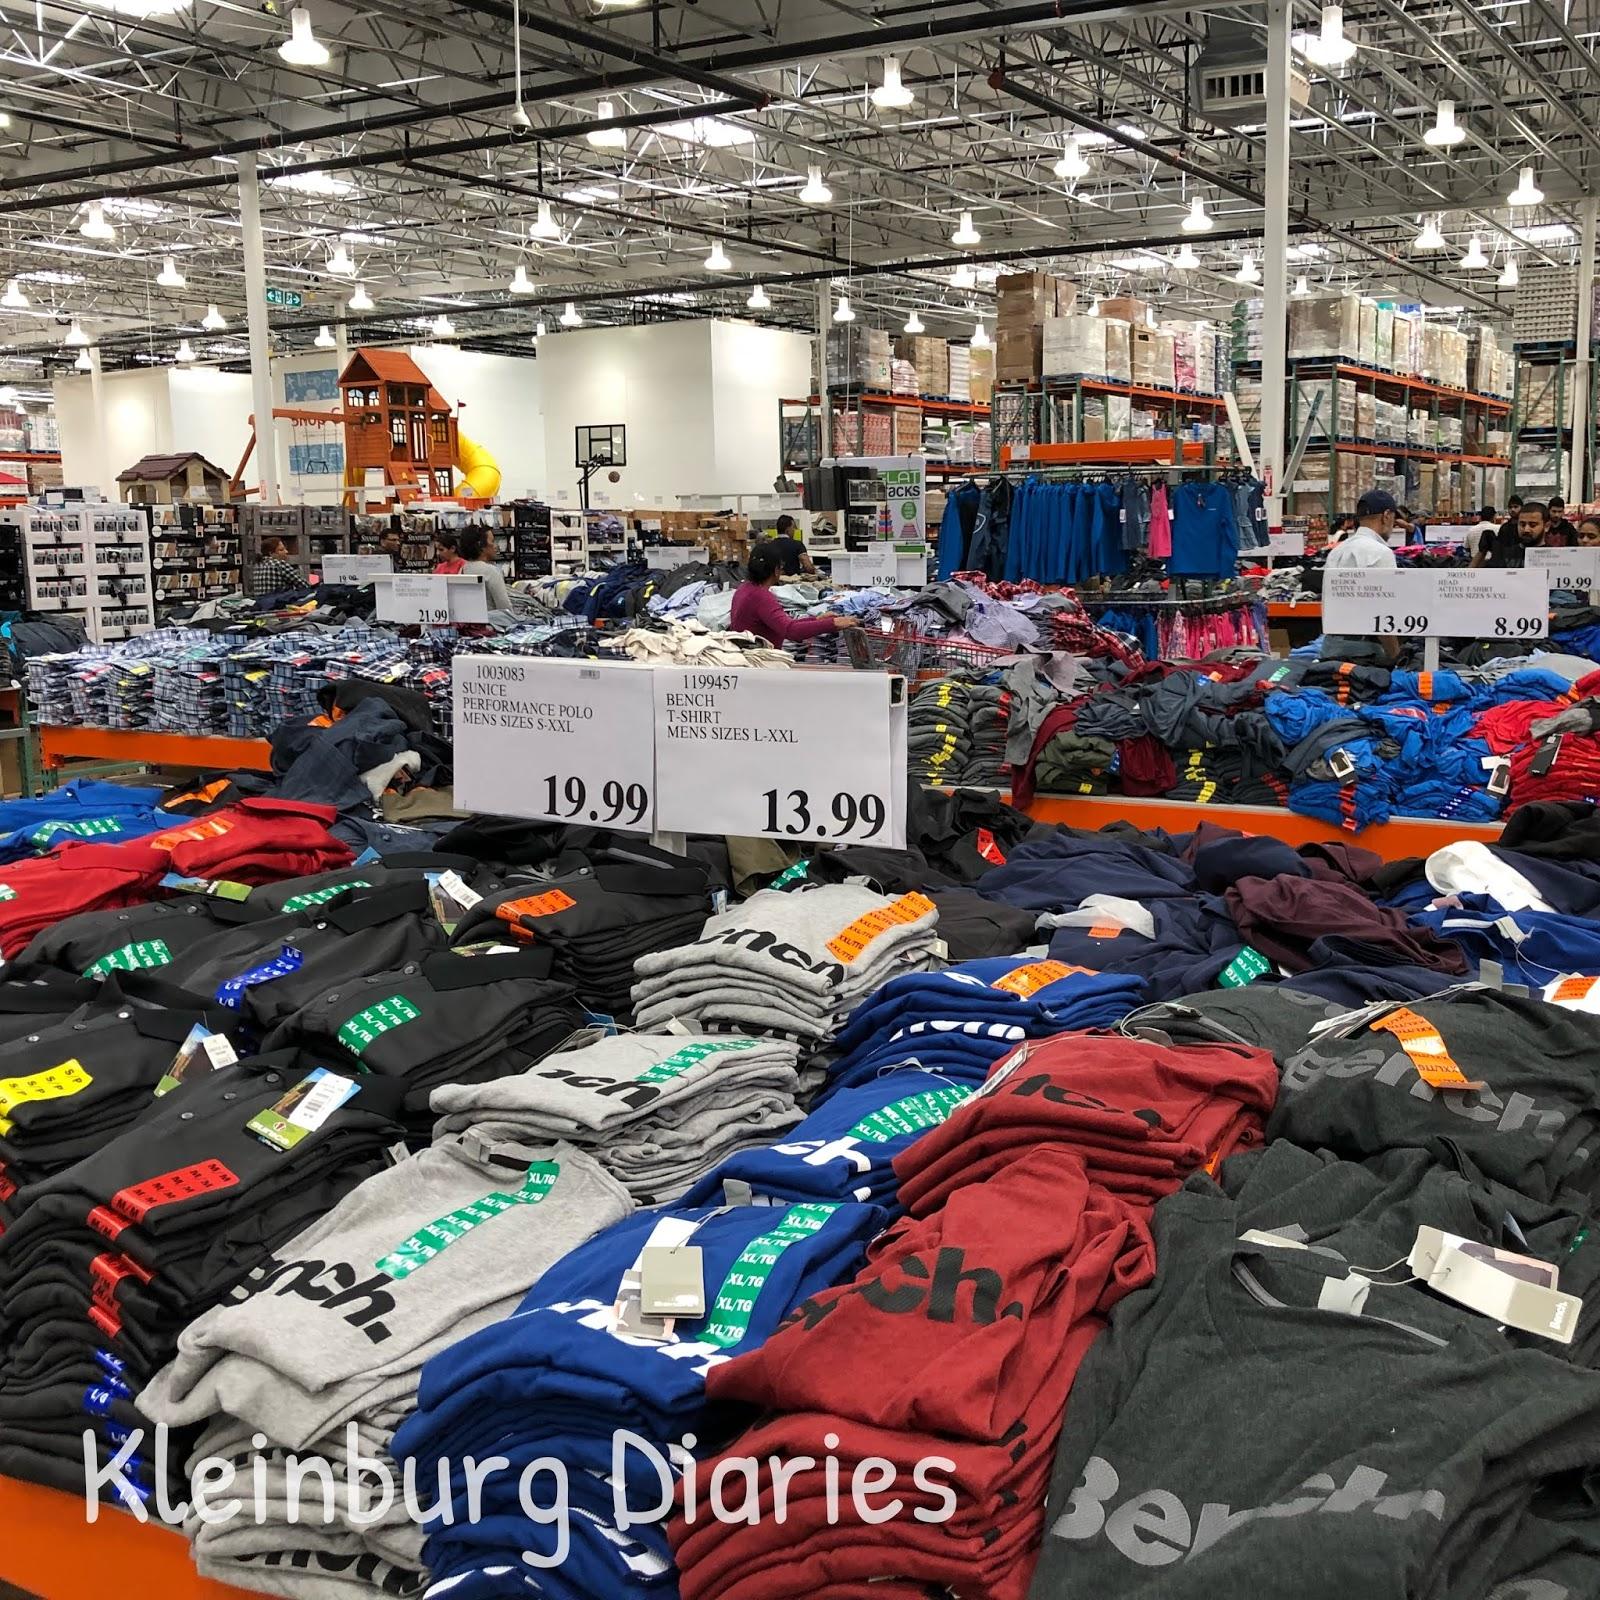 Kleinburg Diaries